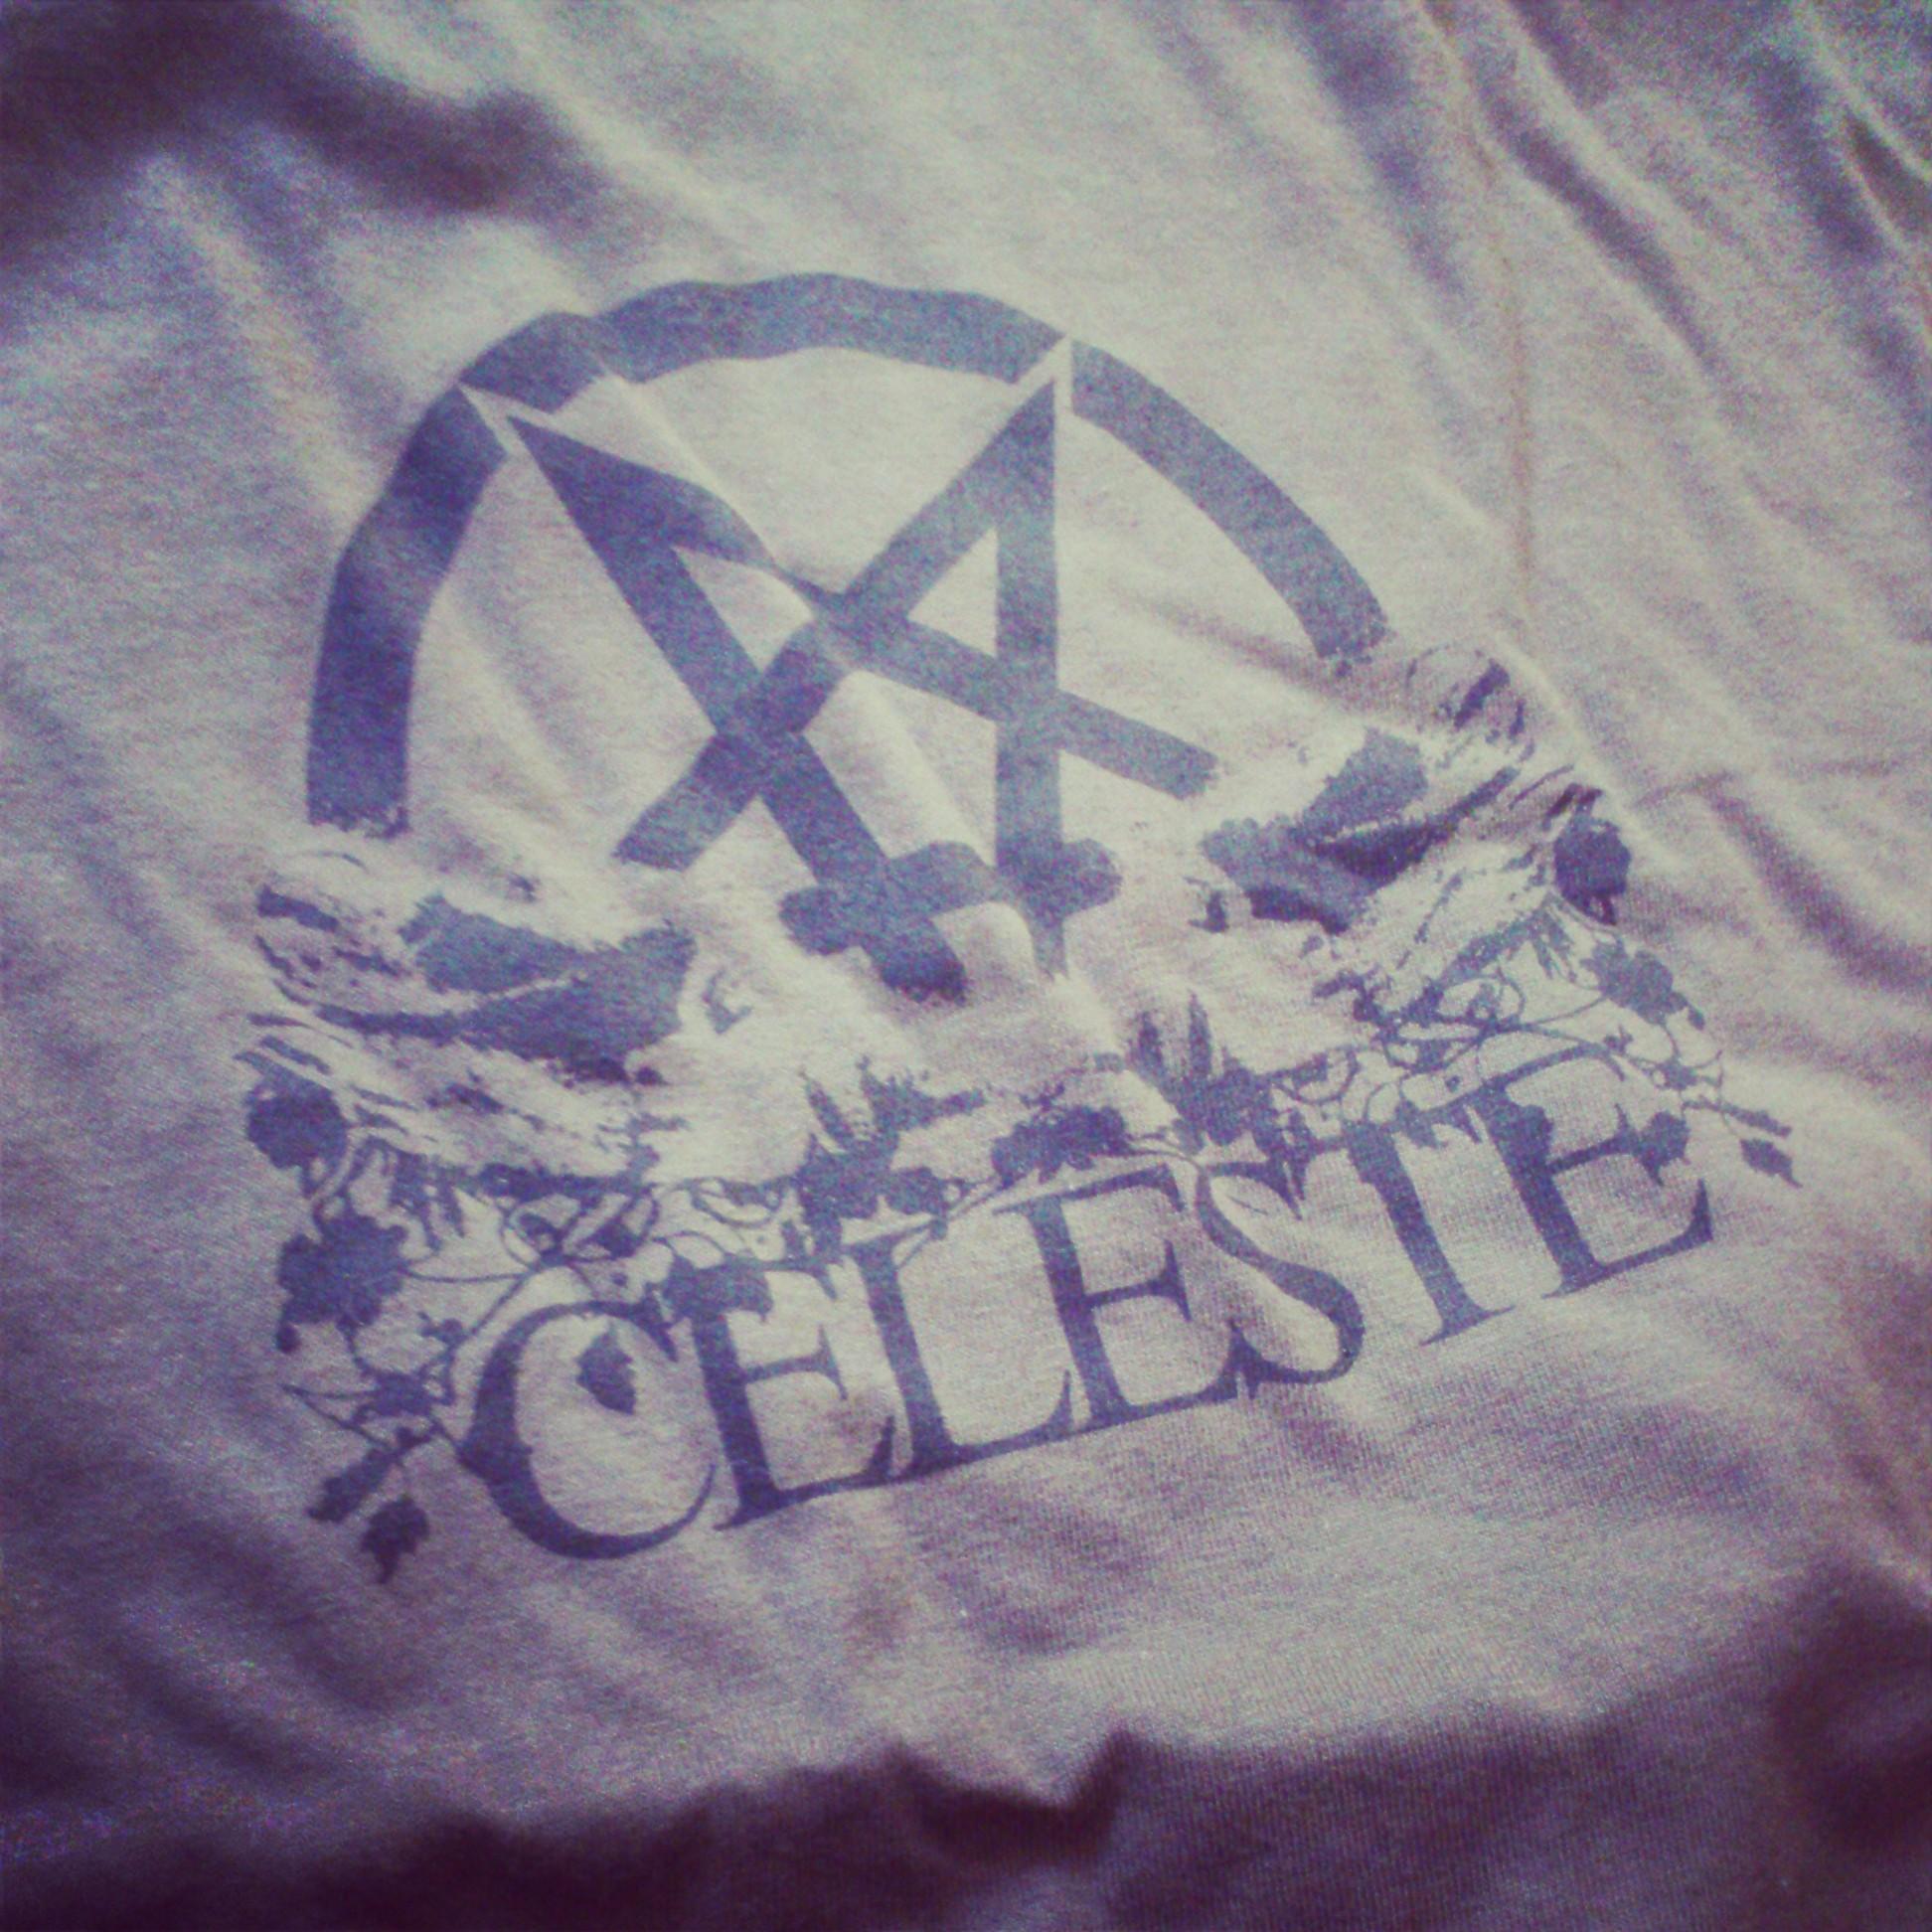 CELESTE Pentagram TS